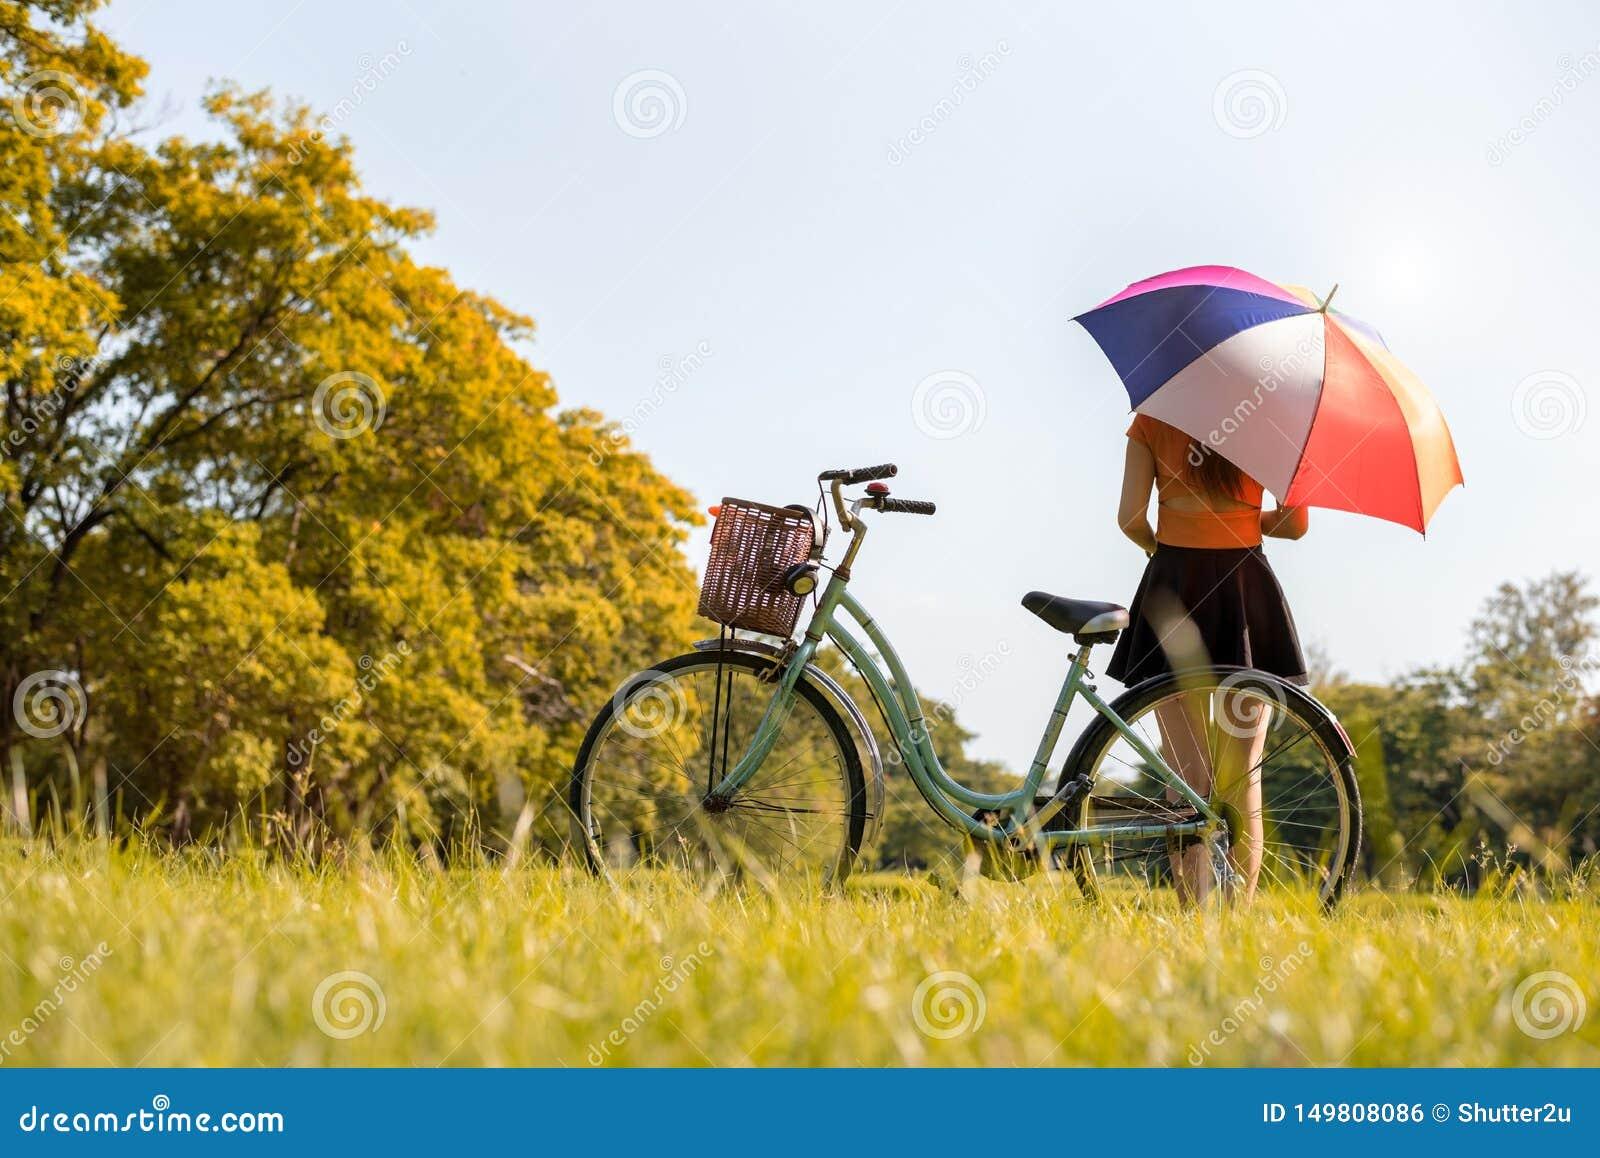 Frau mit colrful Regenschirm und Fahrrad im Park Leute und Entspannungskonzept Jahreszeit- und Herbstthema